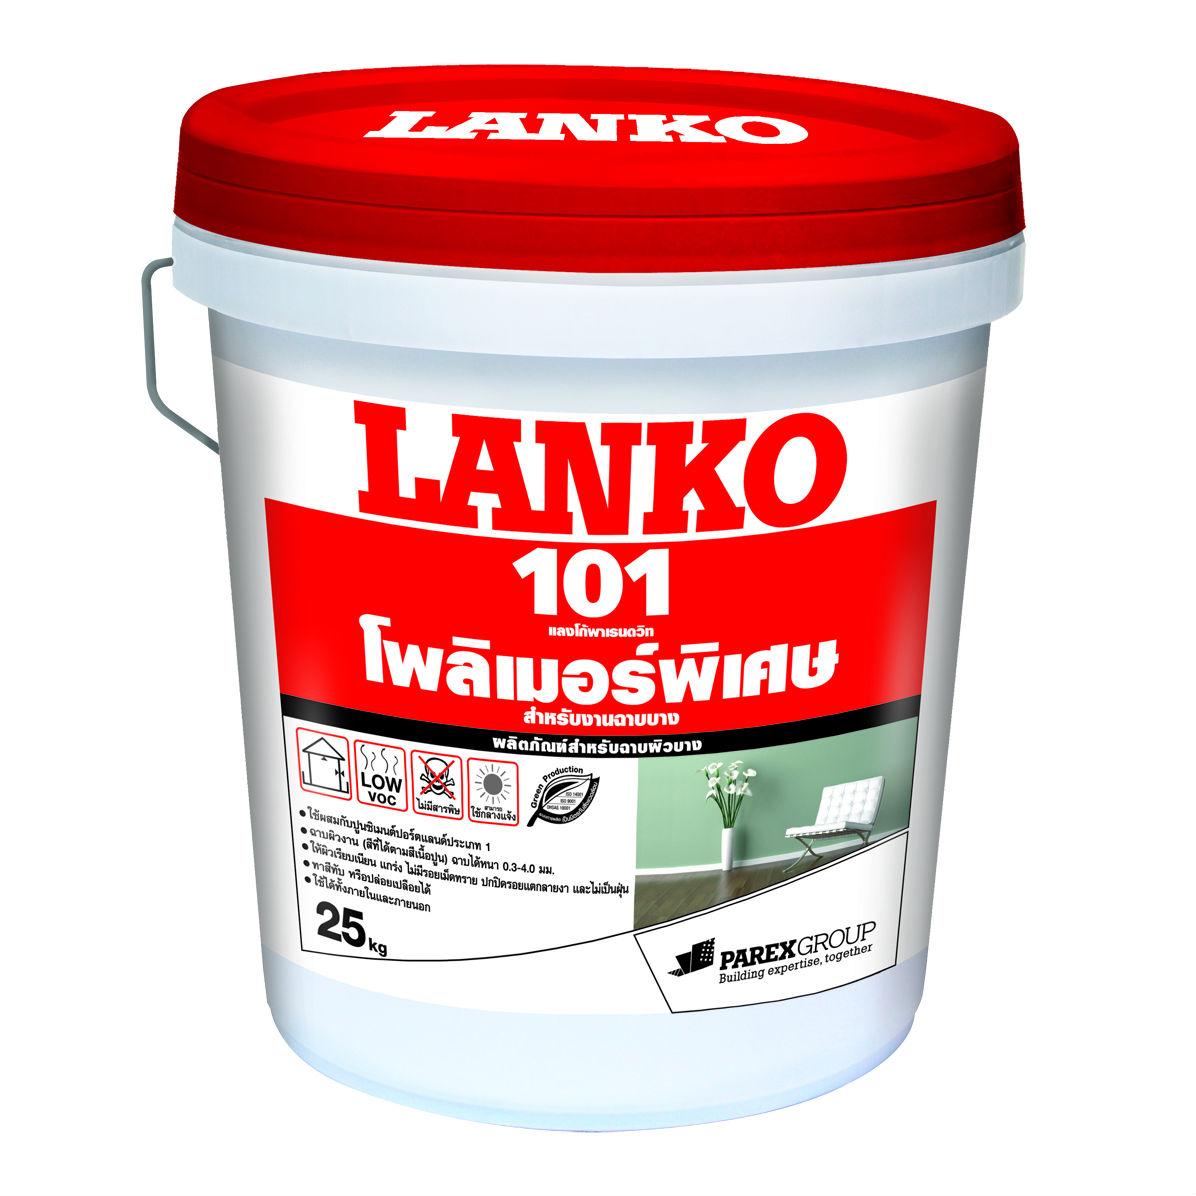 LANKO 101